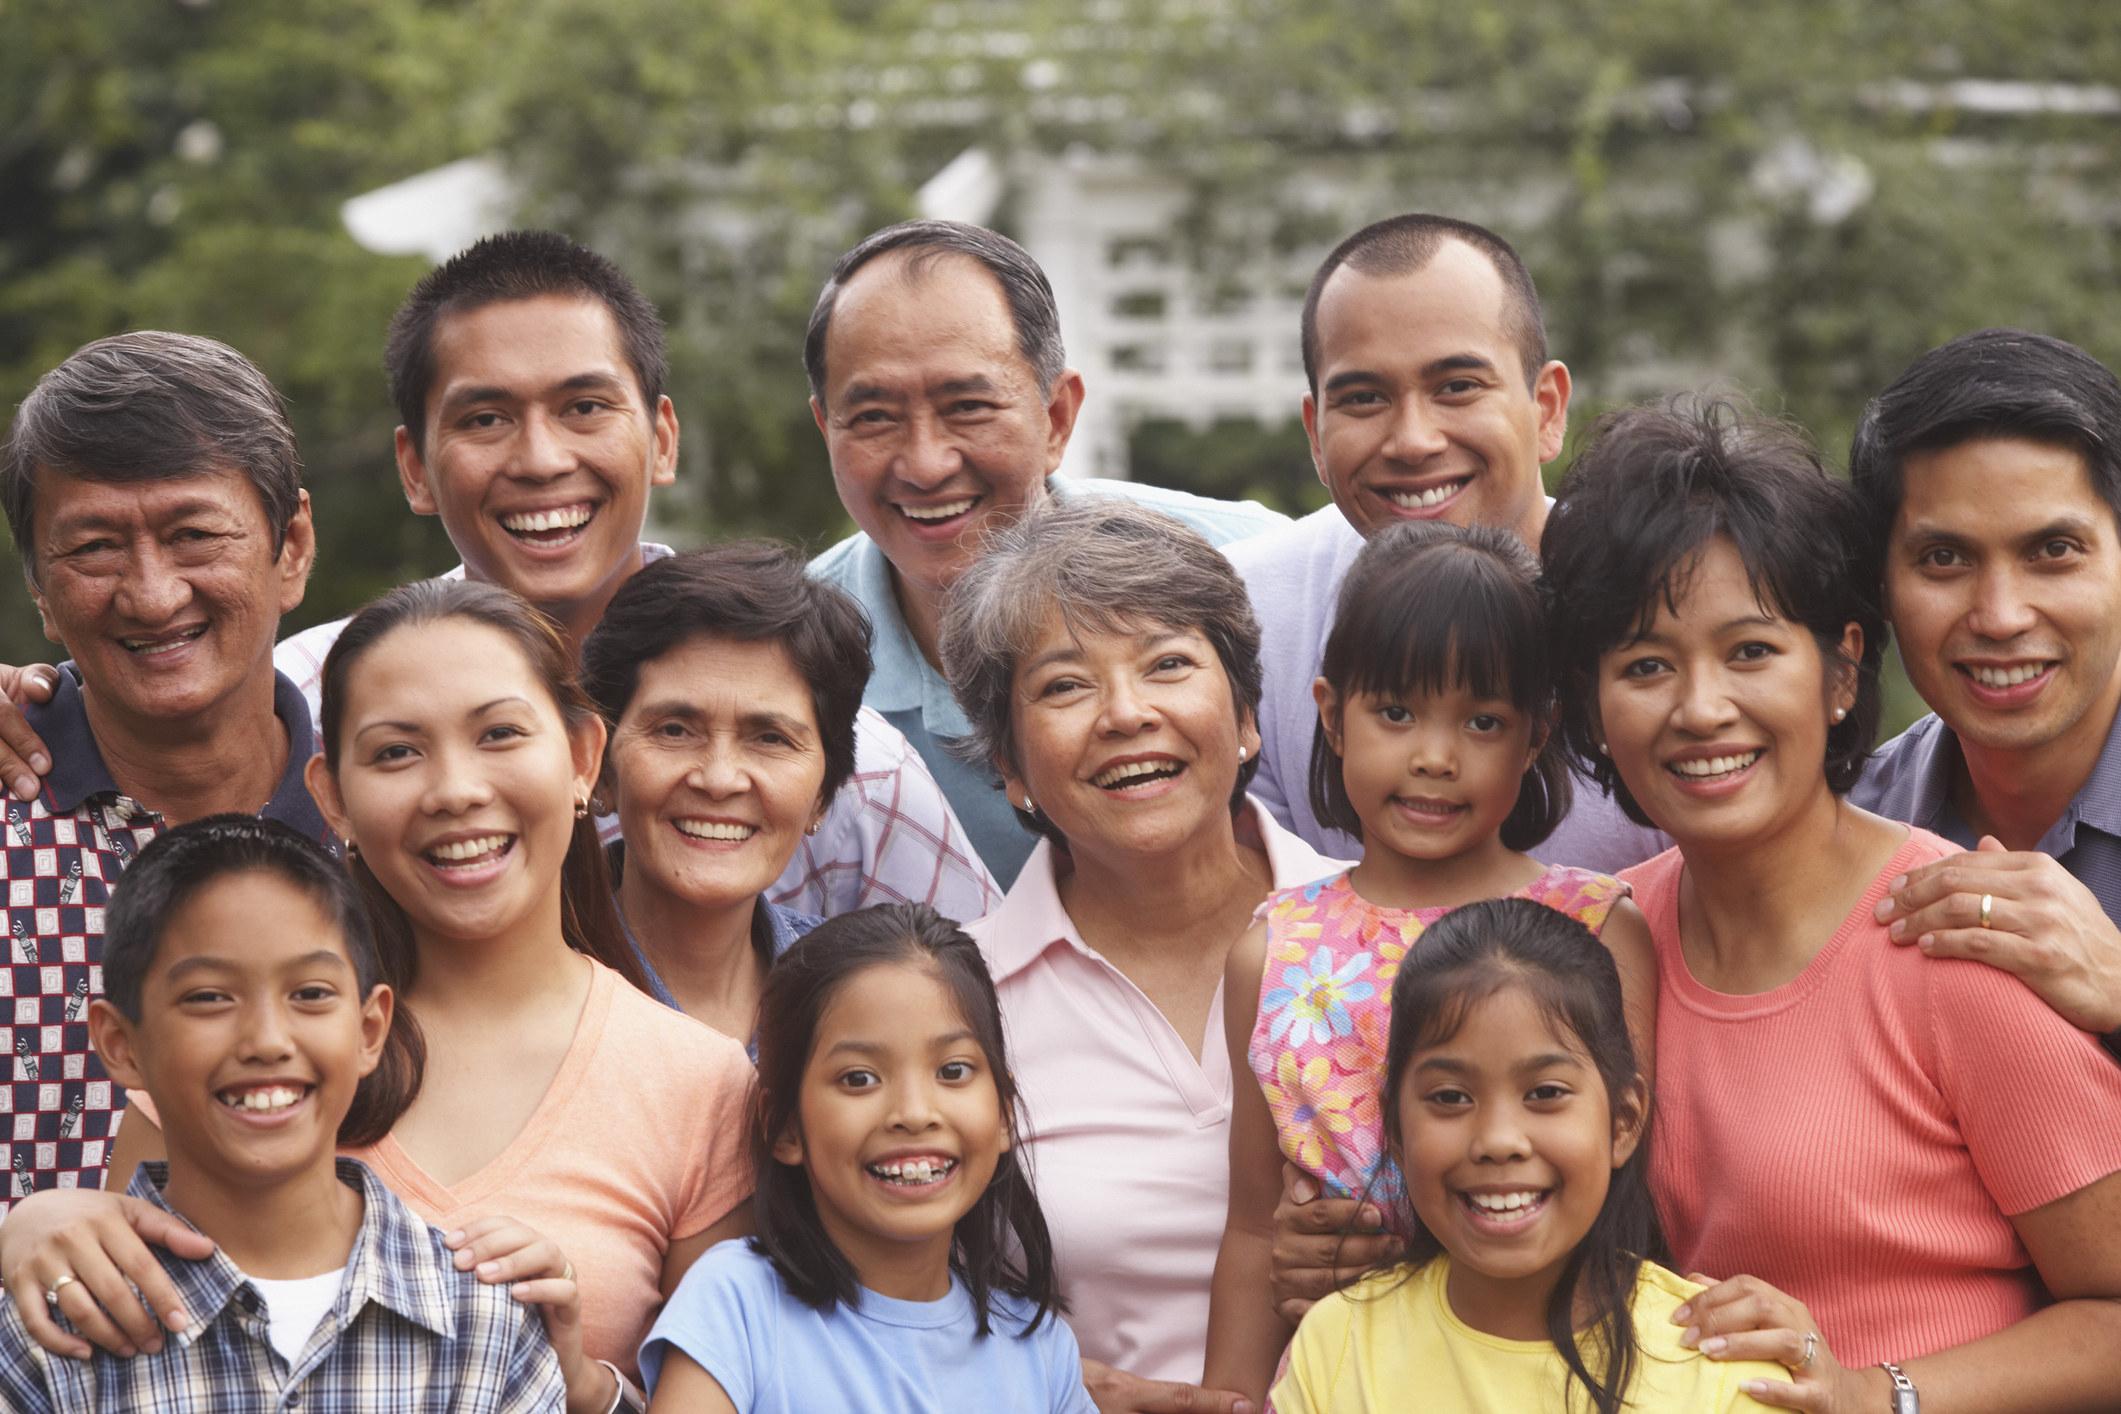 Filipino family photo